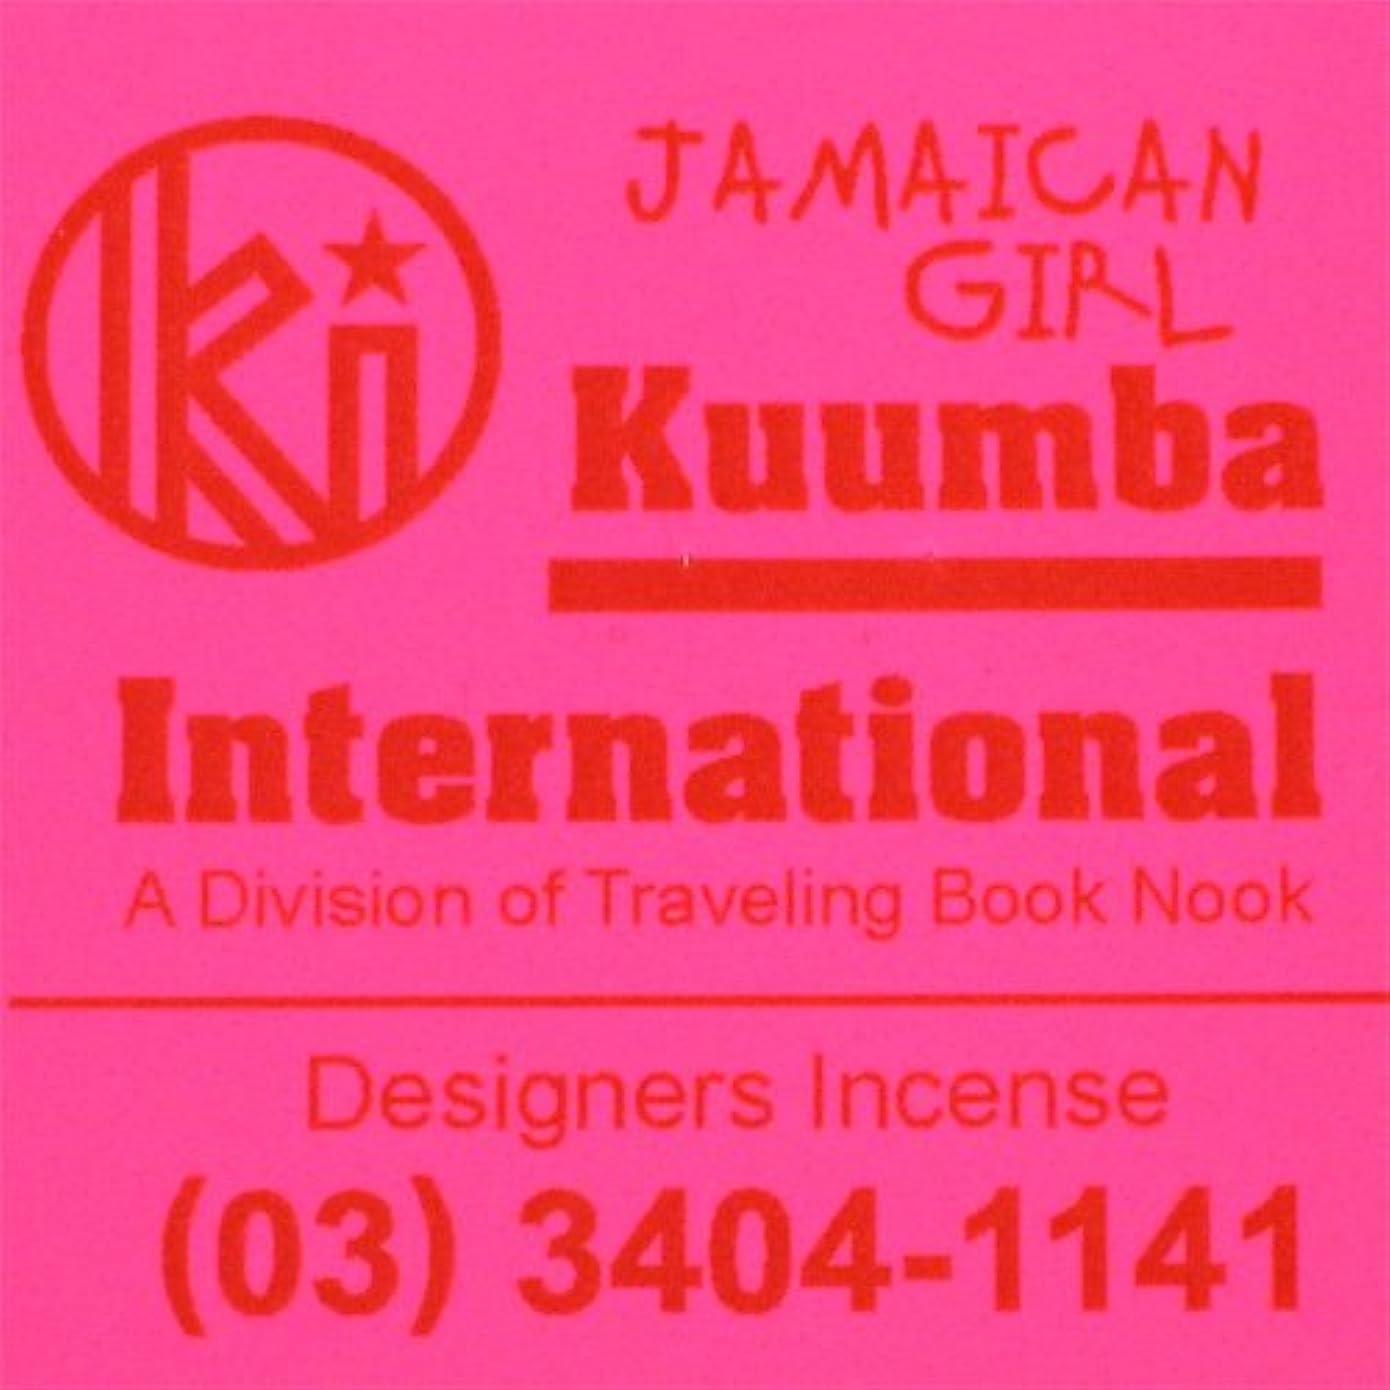 リーズ文化リネンKUUMBA / クンバ『incense』(JAMAICAN GIRL) (Regular size)